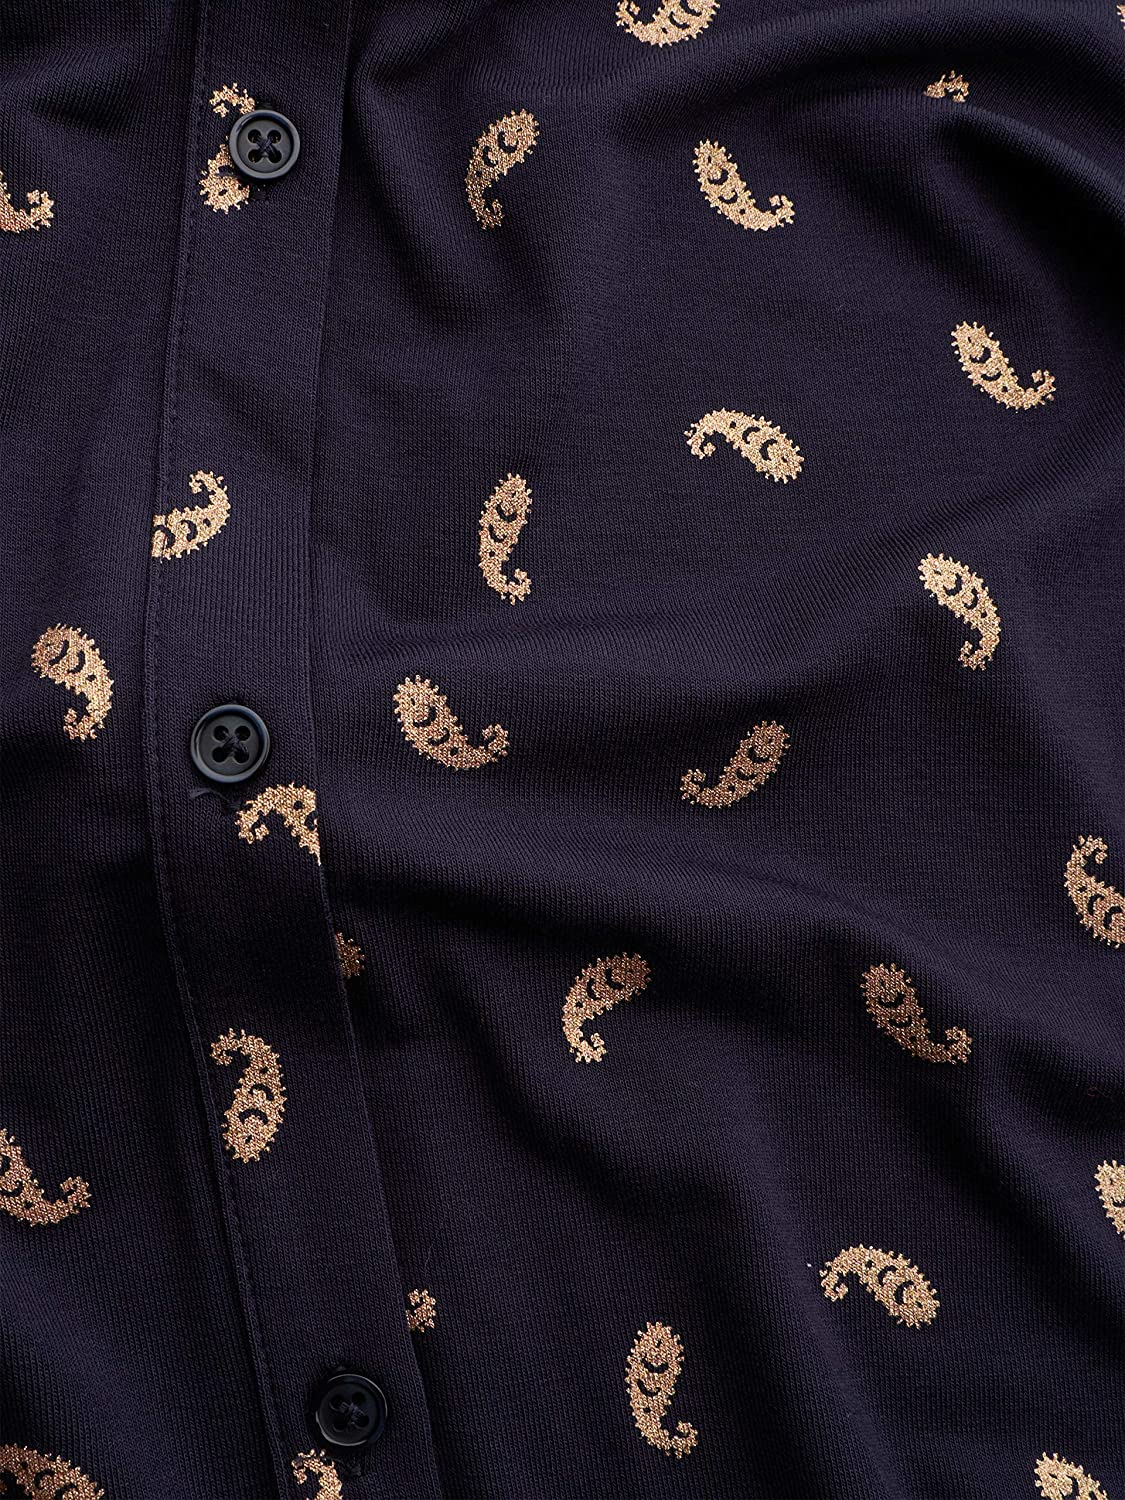 Sandwich Clothing Blusa Con Estampado Azul Marino Y Dorado Cielo Nocturno